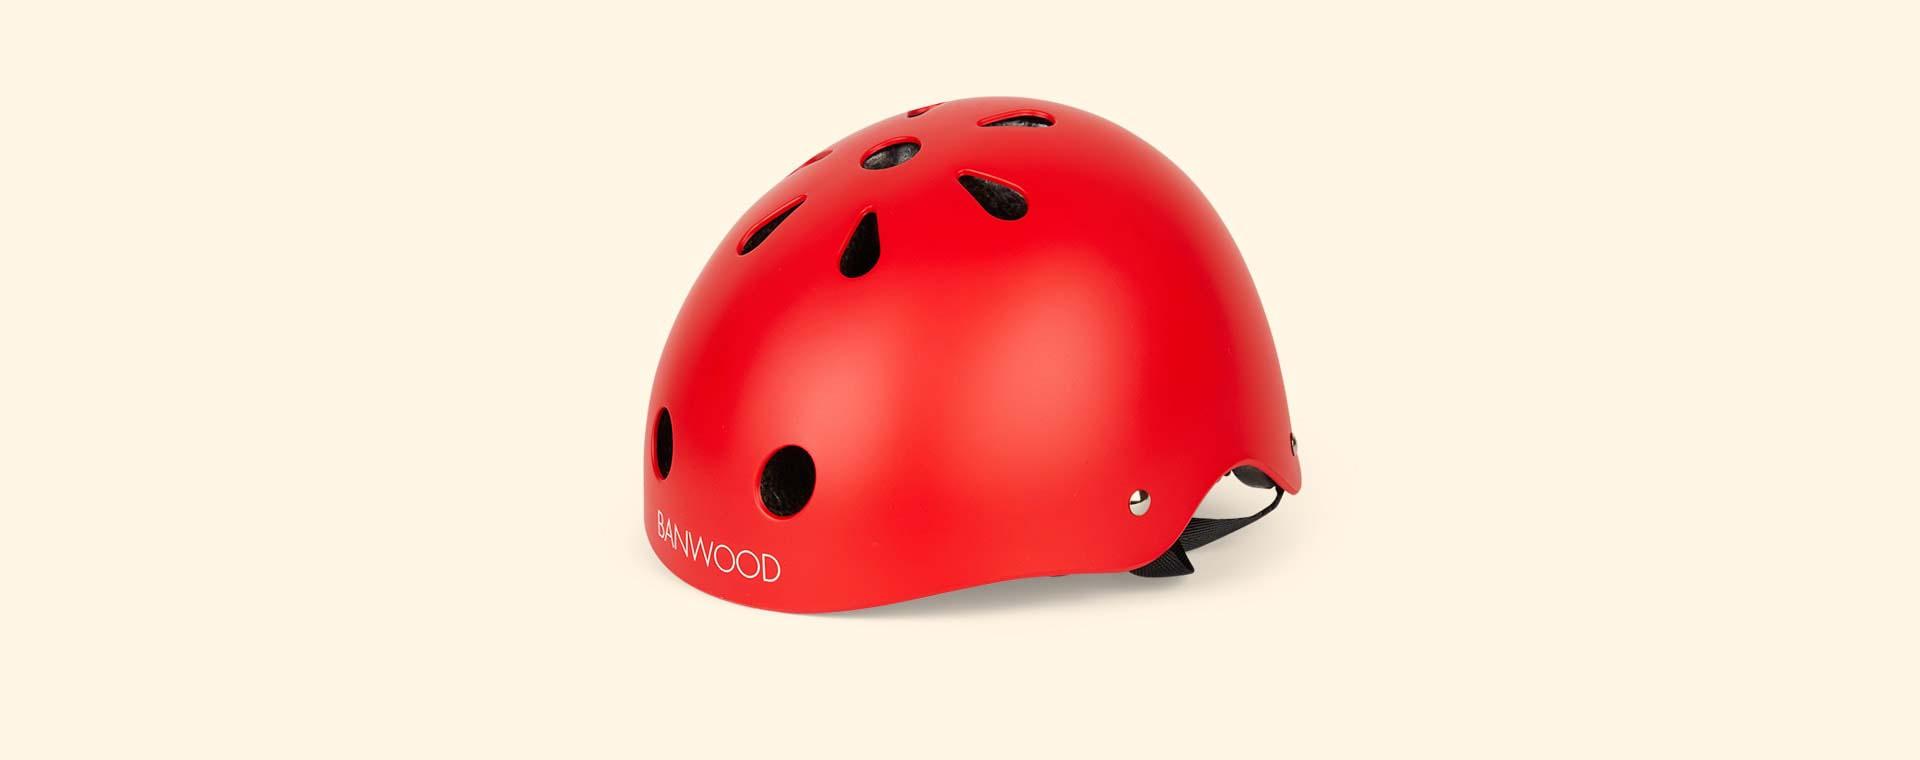 Red Banwood Classic Kids Bike Helmet